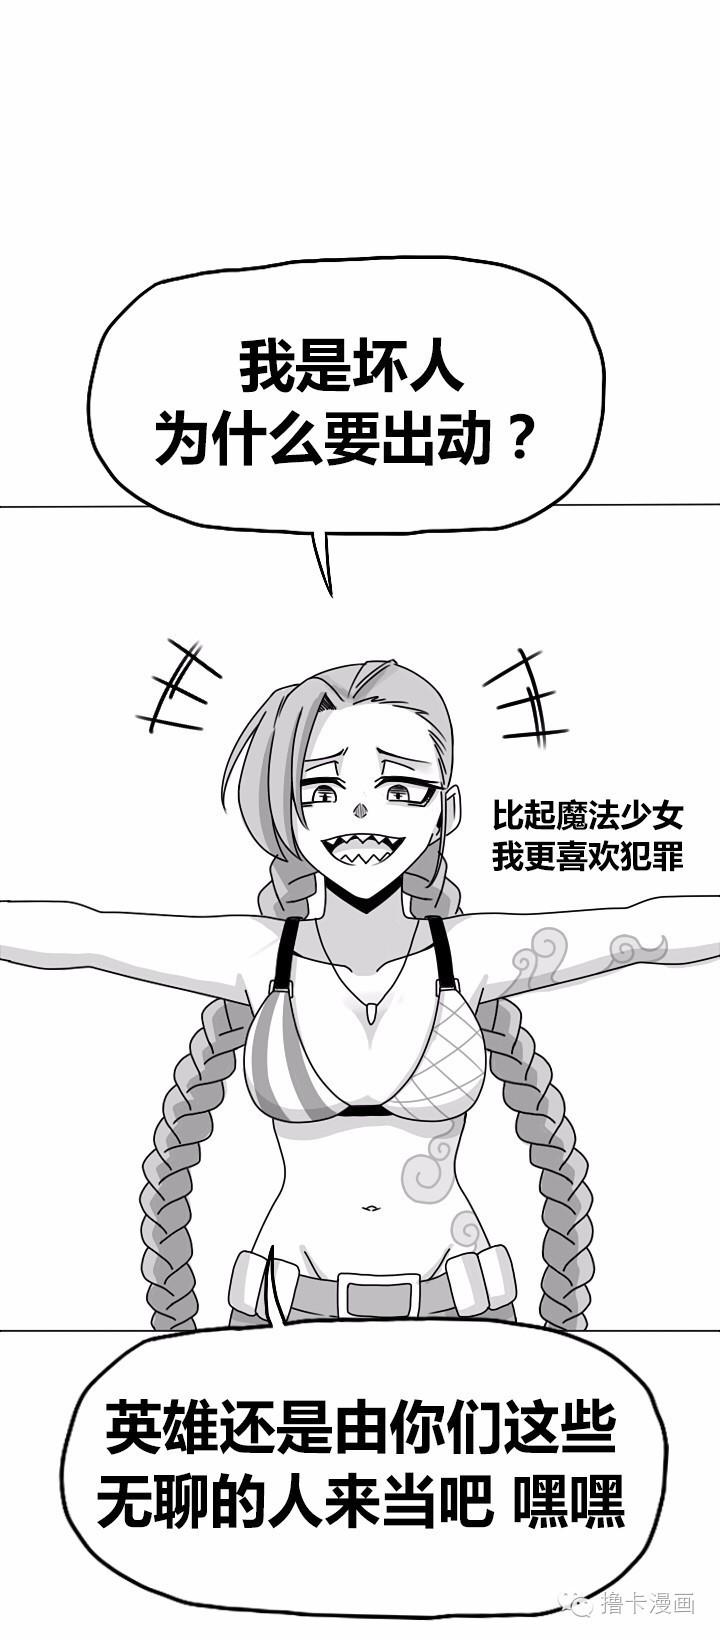 星之守护者内乱!叛逆少女金克丝即使当了守护者也不安分!